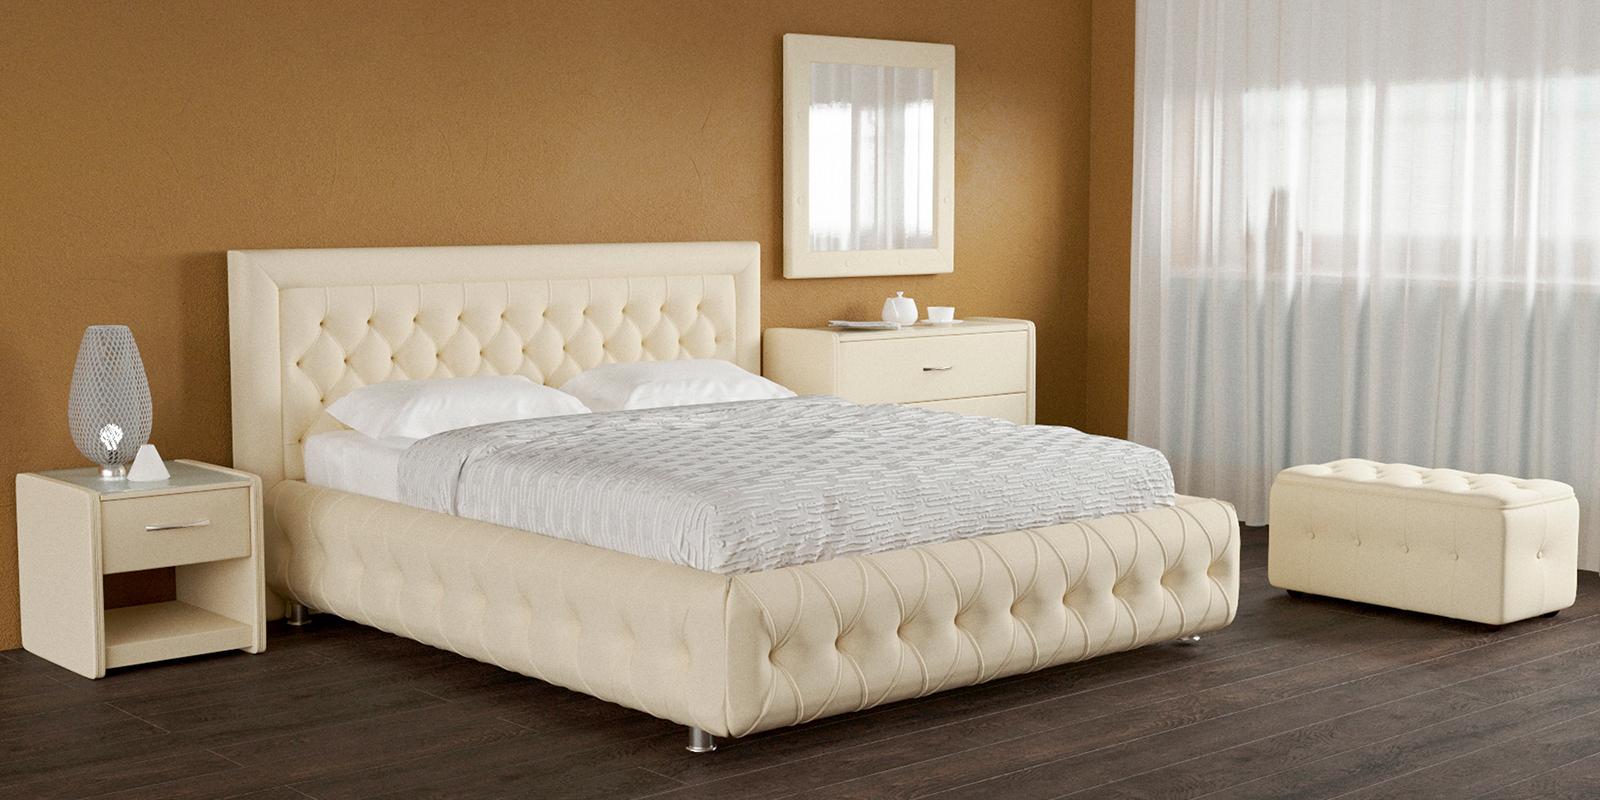 Мягкая кровать 200х160 Малибу вариант №7 с ортопедическим основанием (Бежевый)